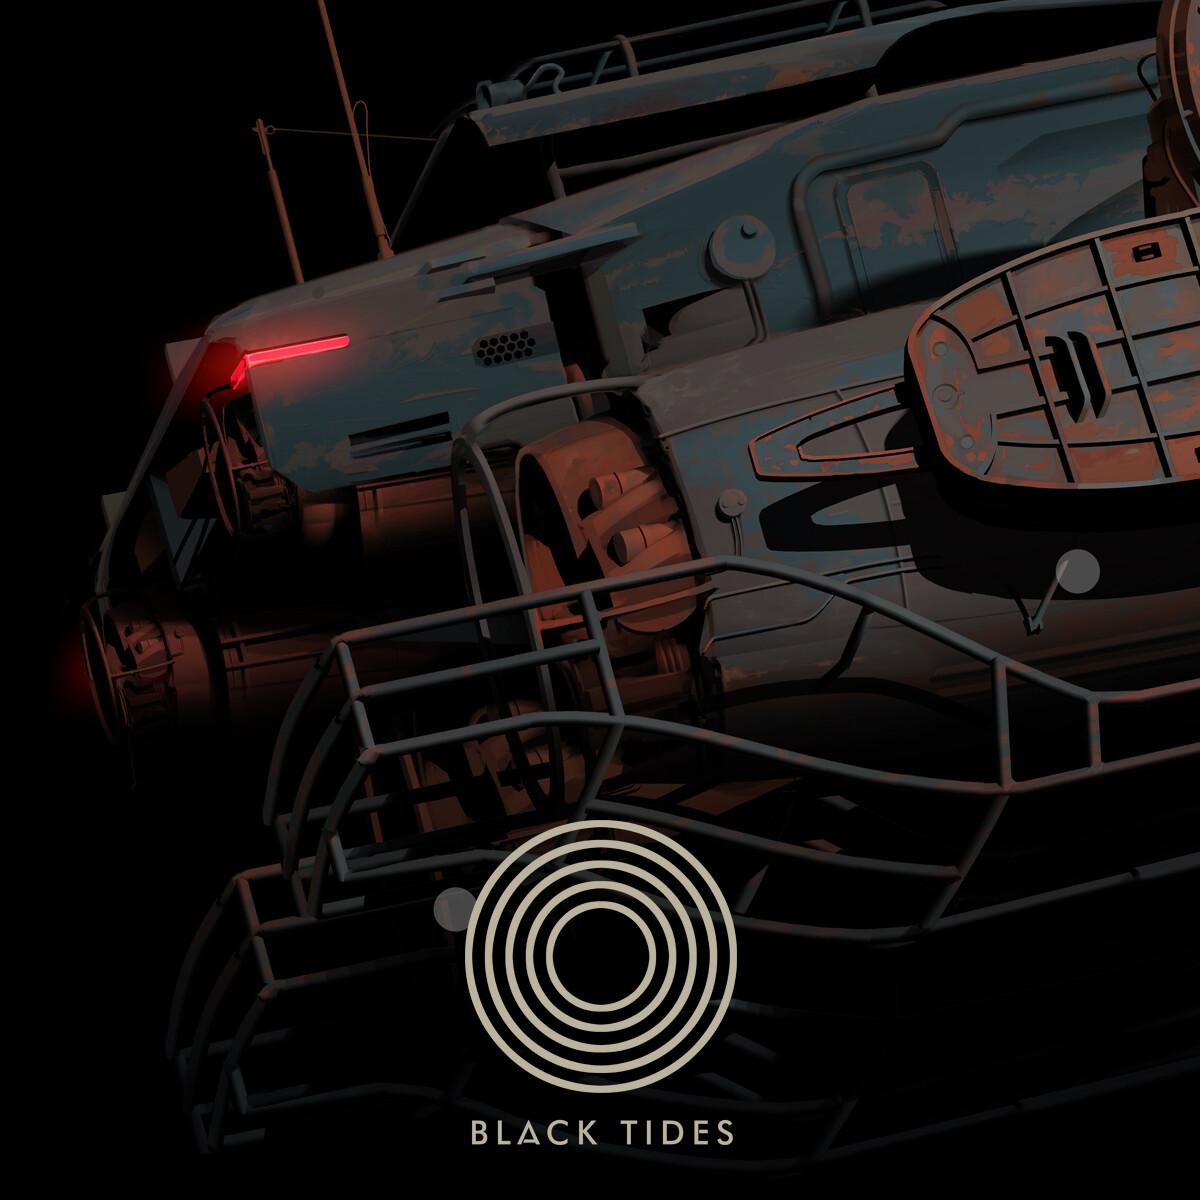 BLACK TIDES | KING FISHER